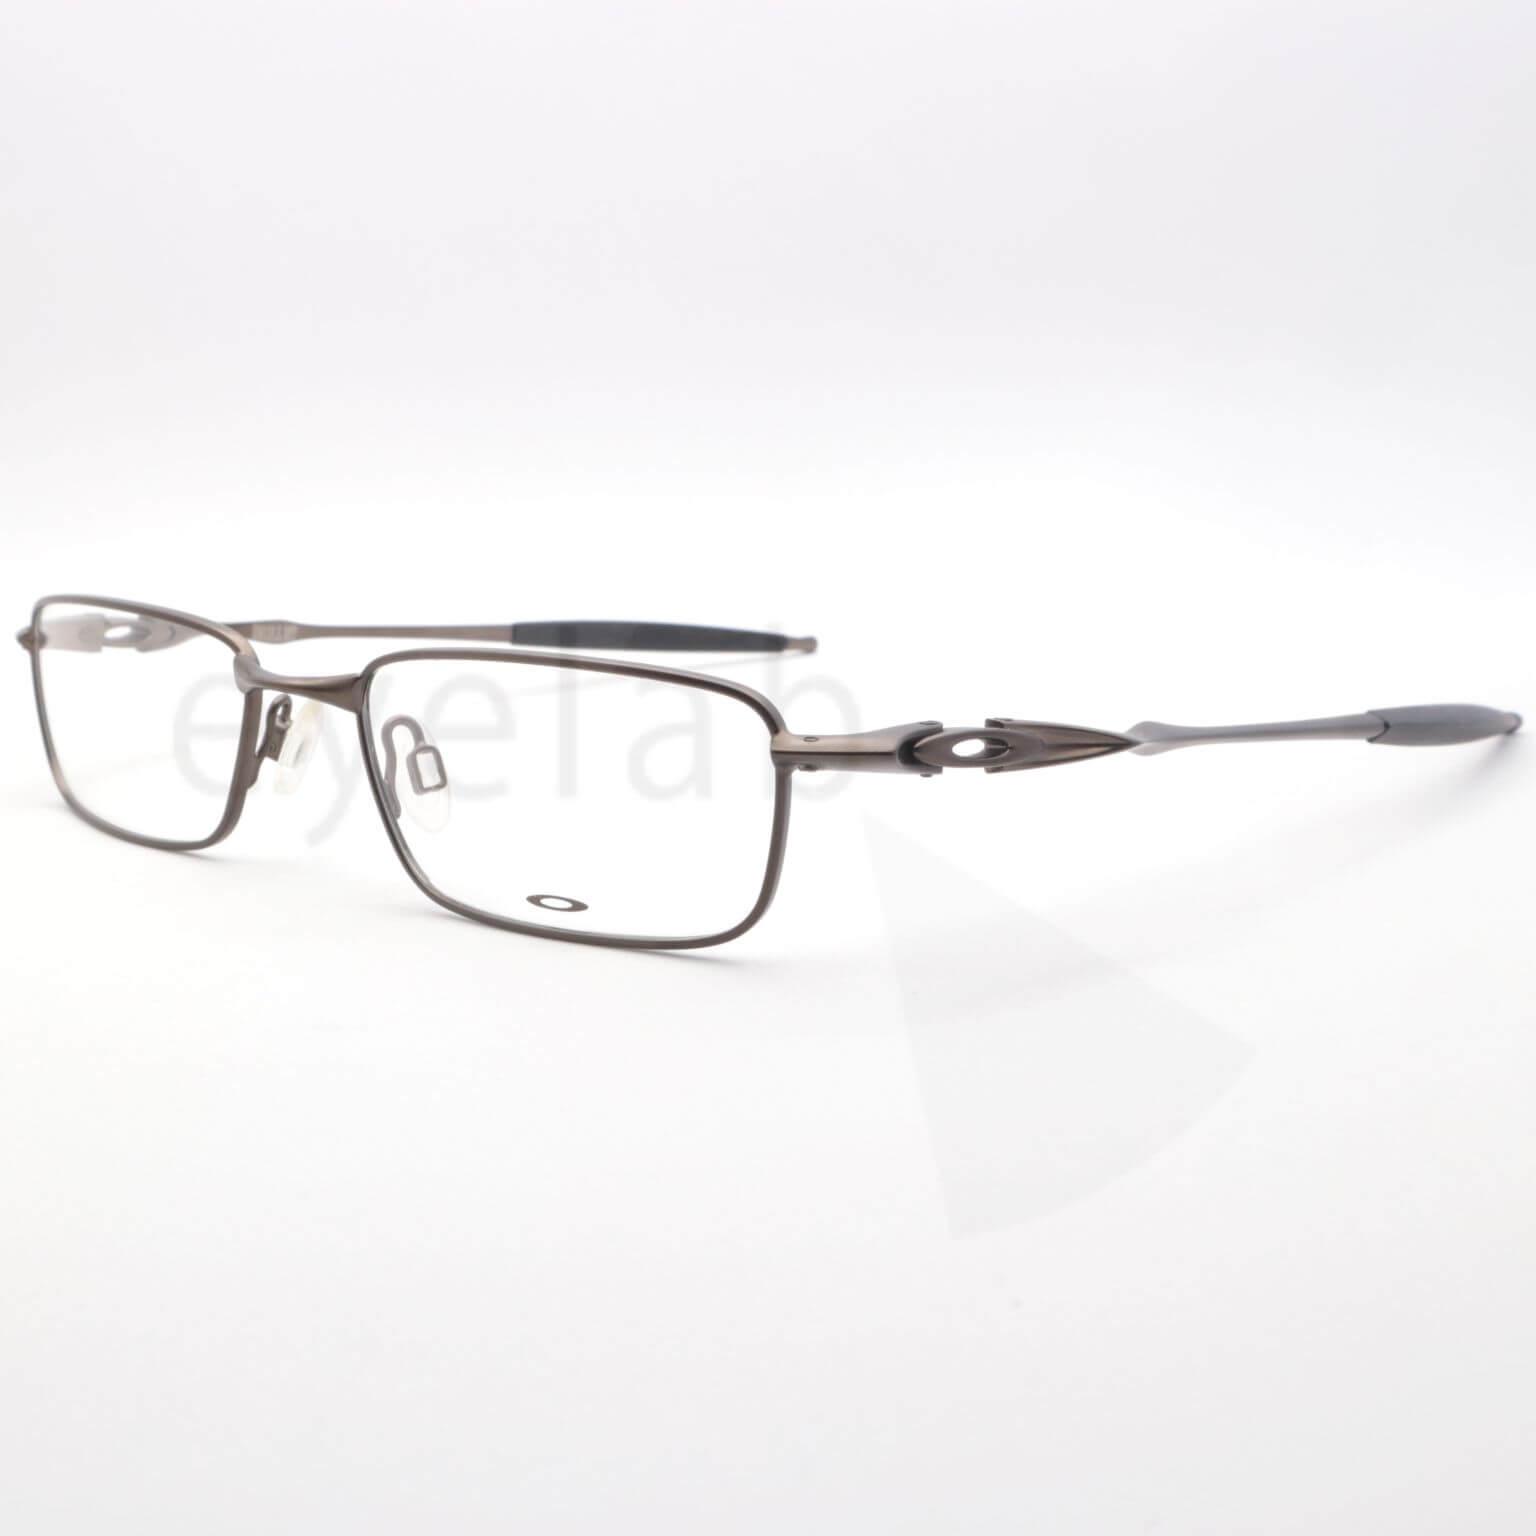 Γυαλιά οράσεως Oakley Drill Bit 3089 22-212 ~ Eyelab 09451b85d82